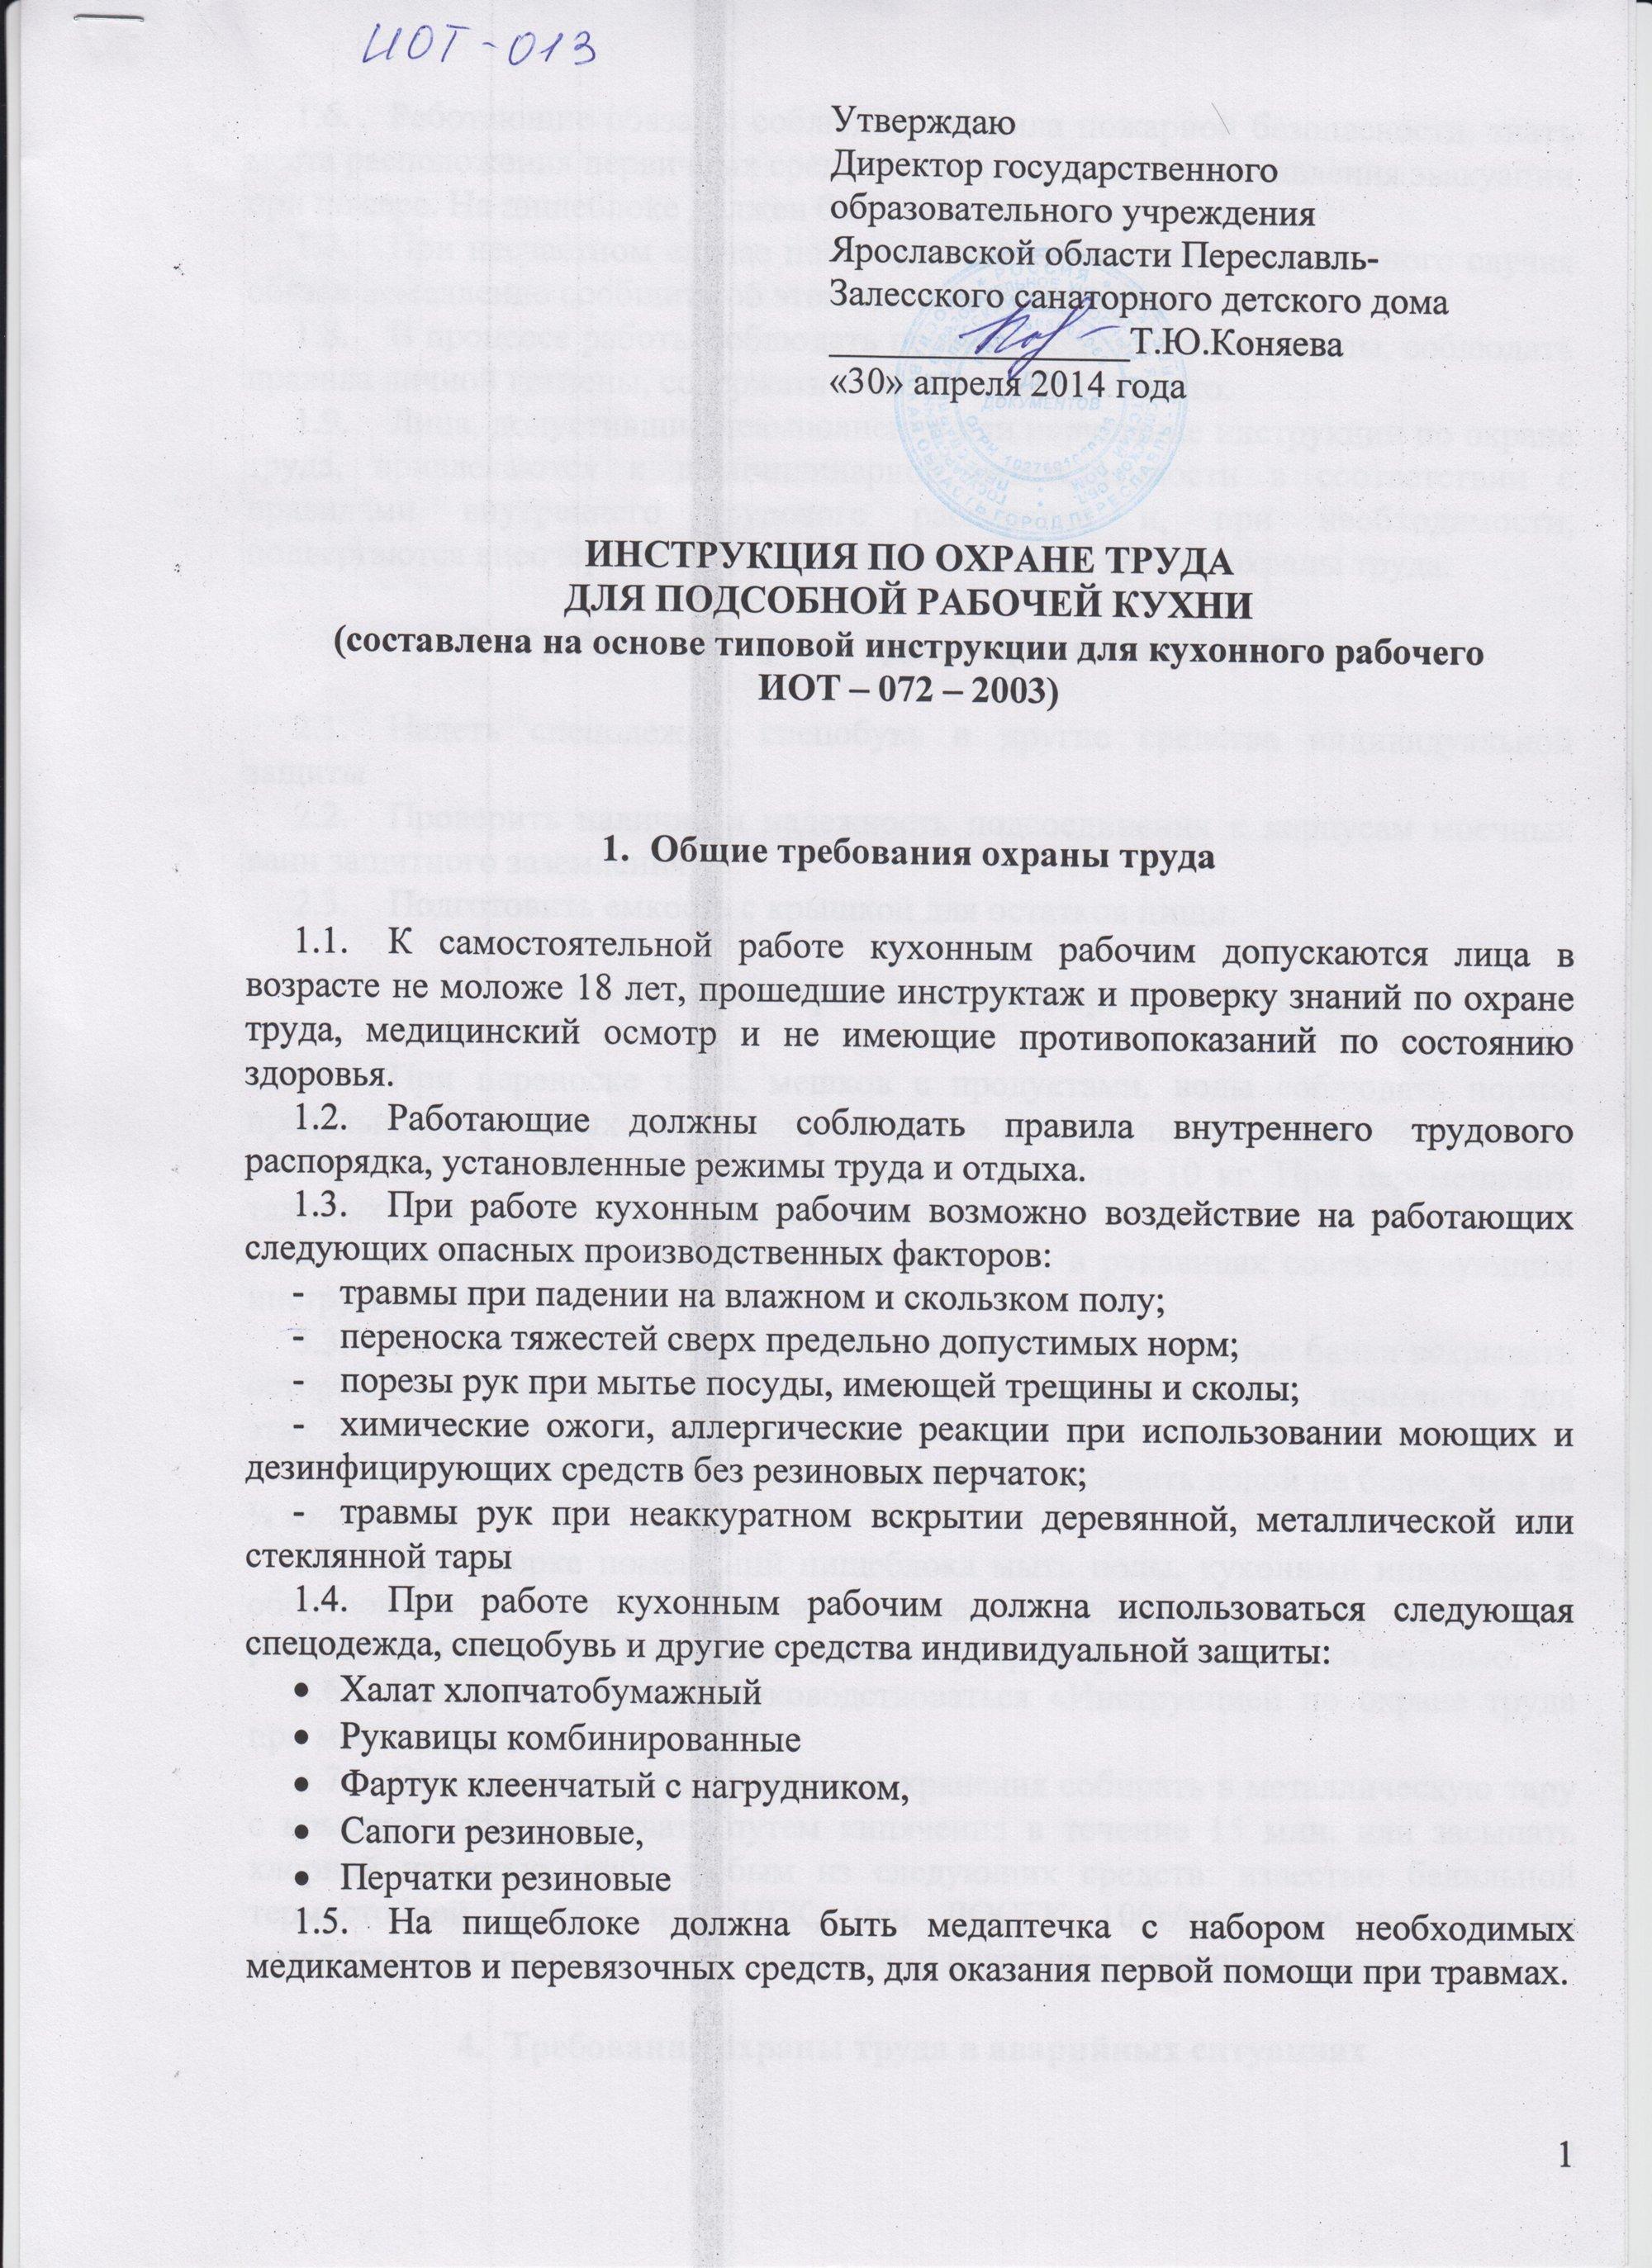 Инструкция по охране труда для подсобного рабочего с газонокосилкой